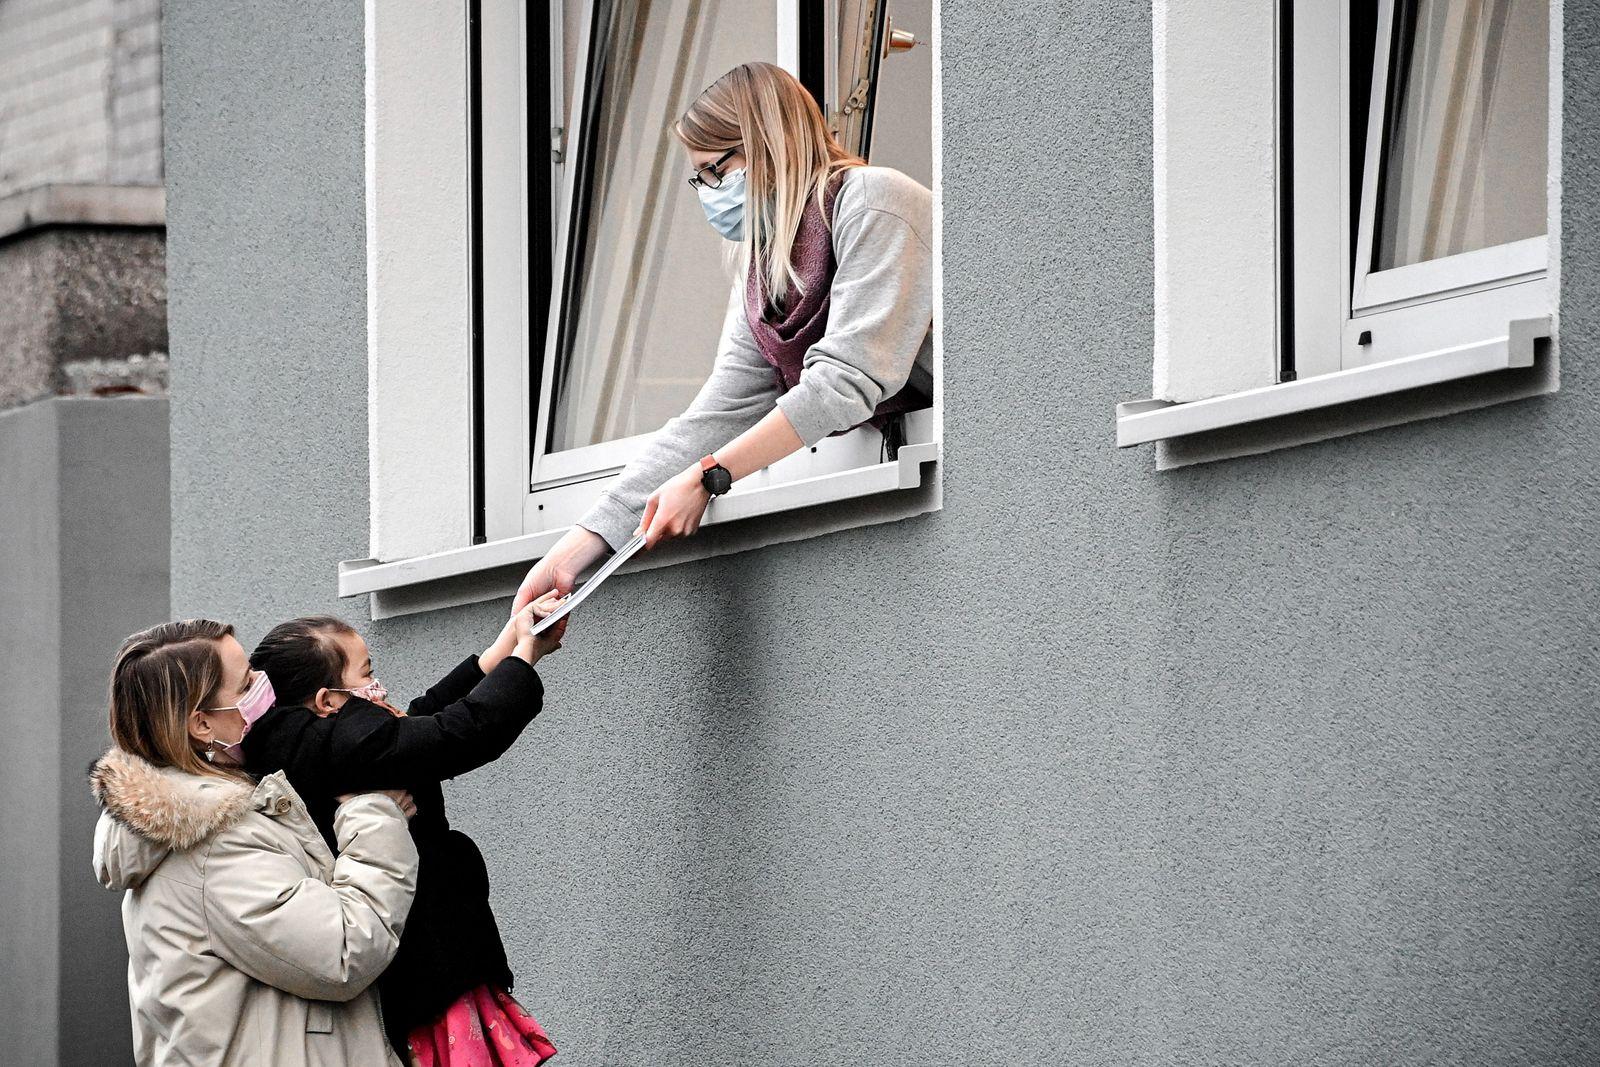 Homeschooling in Germany during nationwide lockdown, Dinslaken - 15 Jan 2021